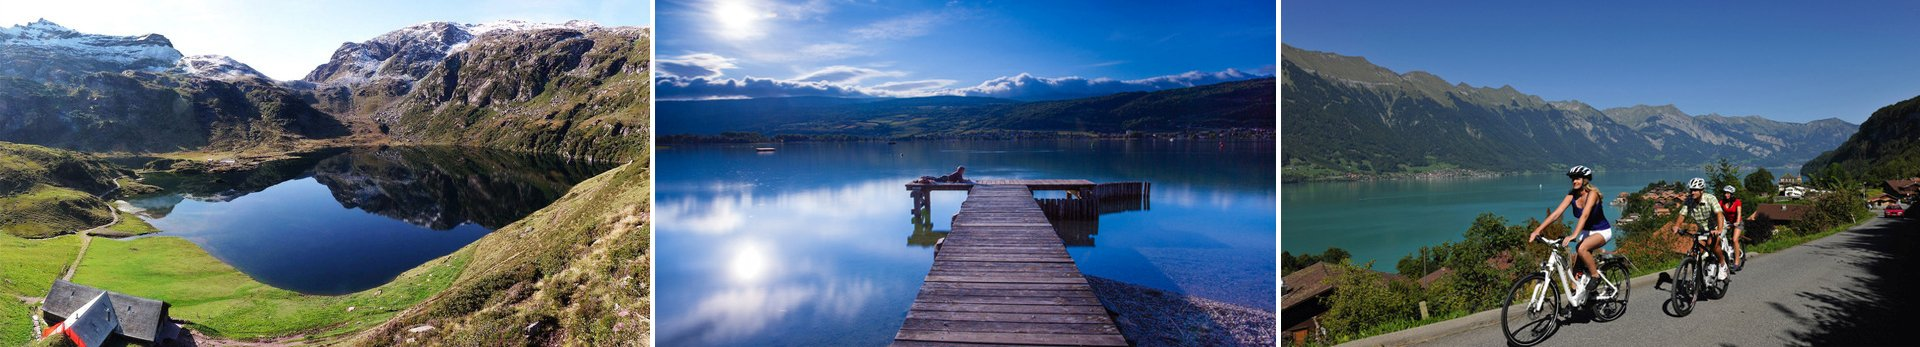 תמונות מאתרי מסע האופניים לאורך האגמים